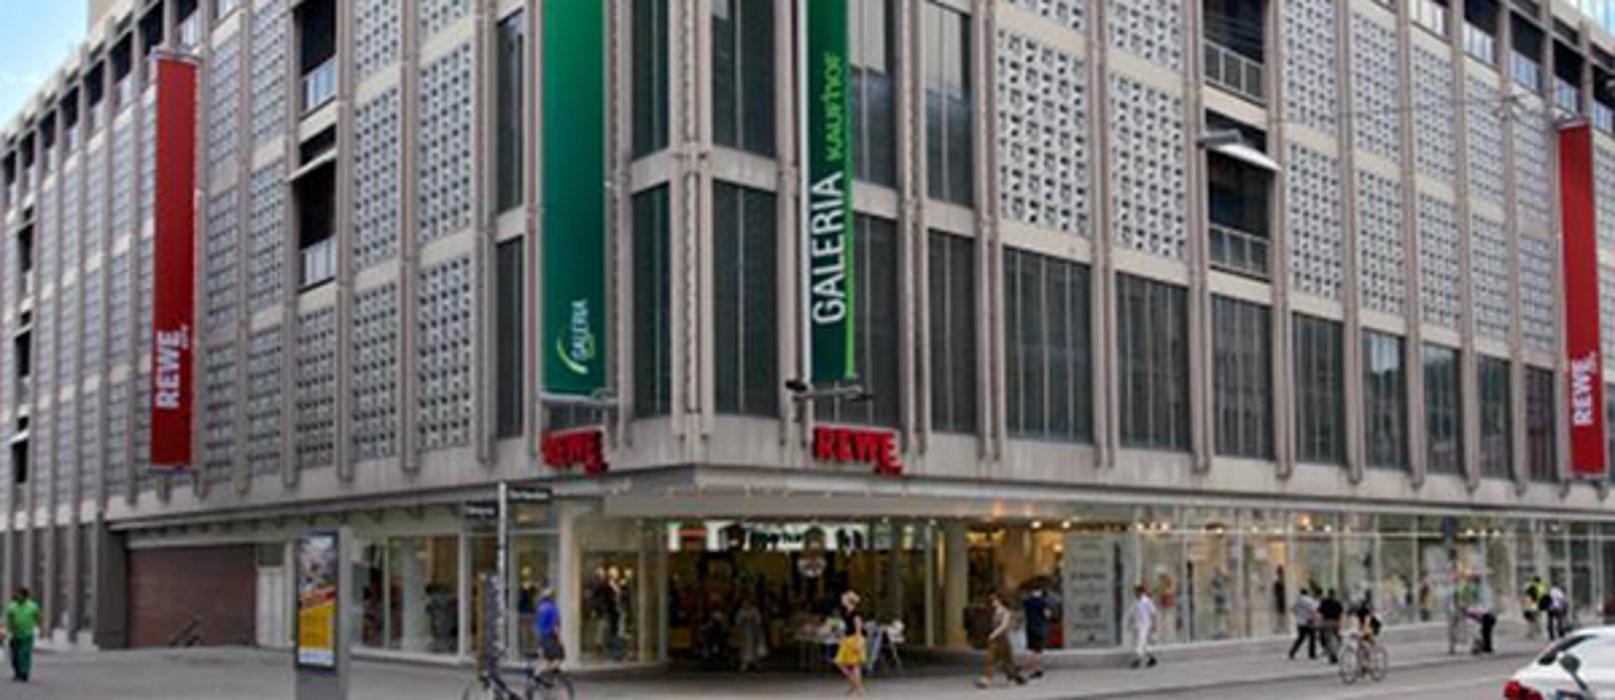 galeria kaufhof stuttgart königstraße öffnungszeiten